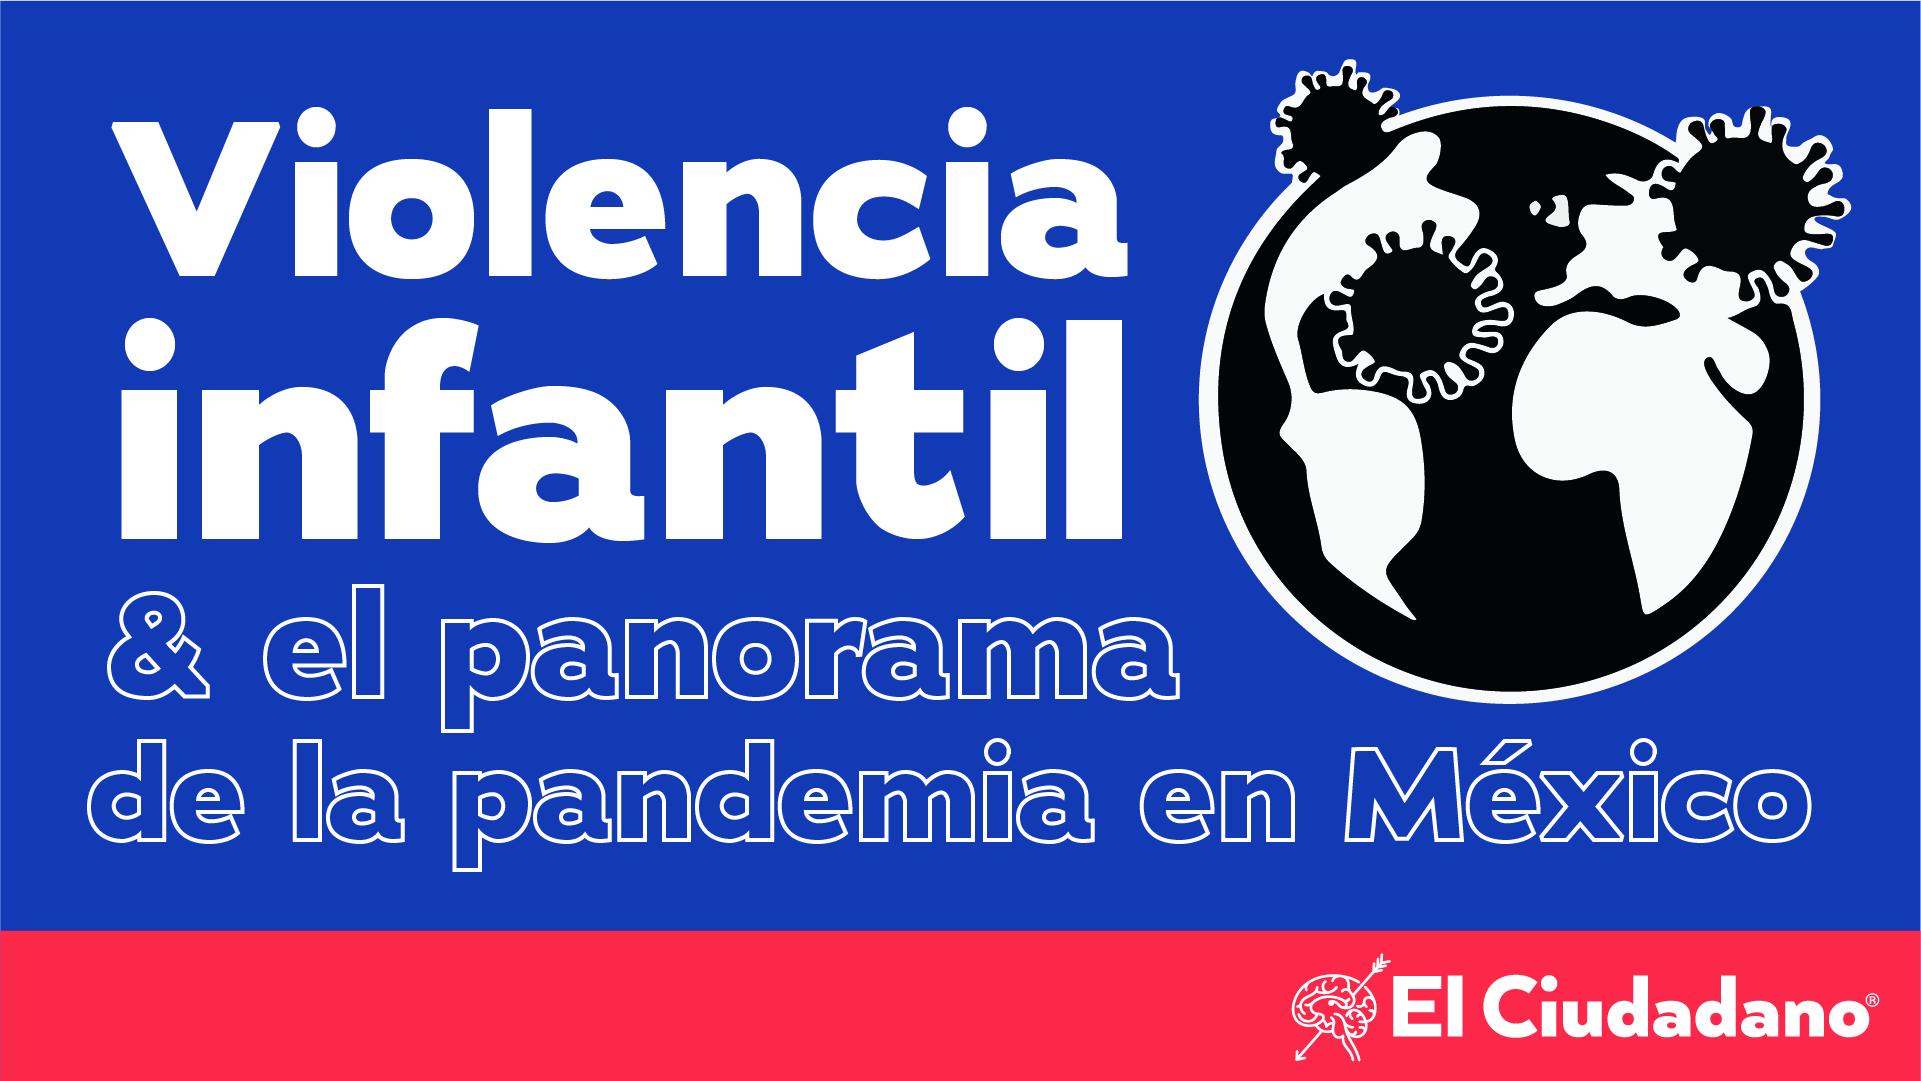 Violencia infantil y el panorama de la pandemia en México